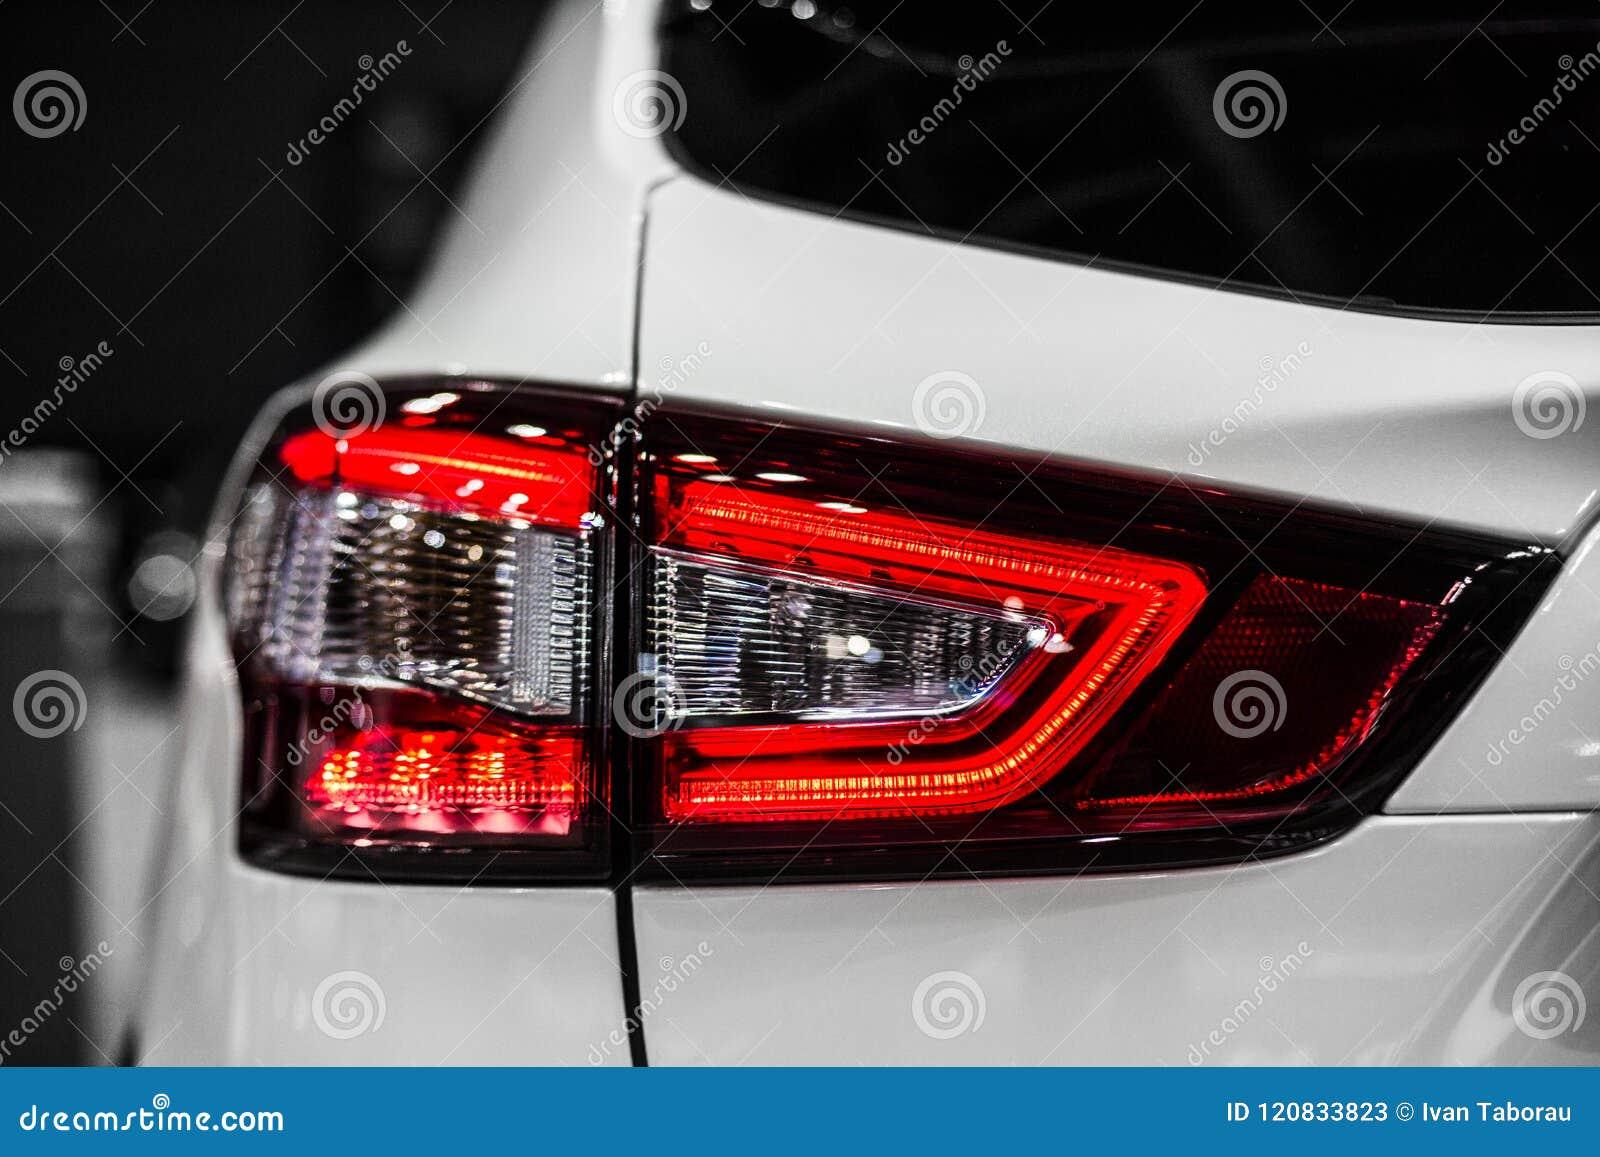 Rear stop light of white modern car